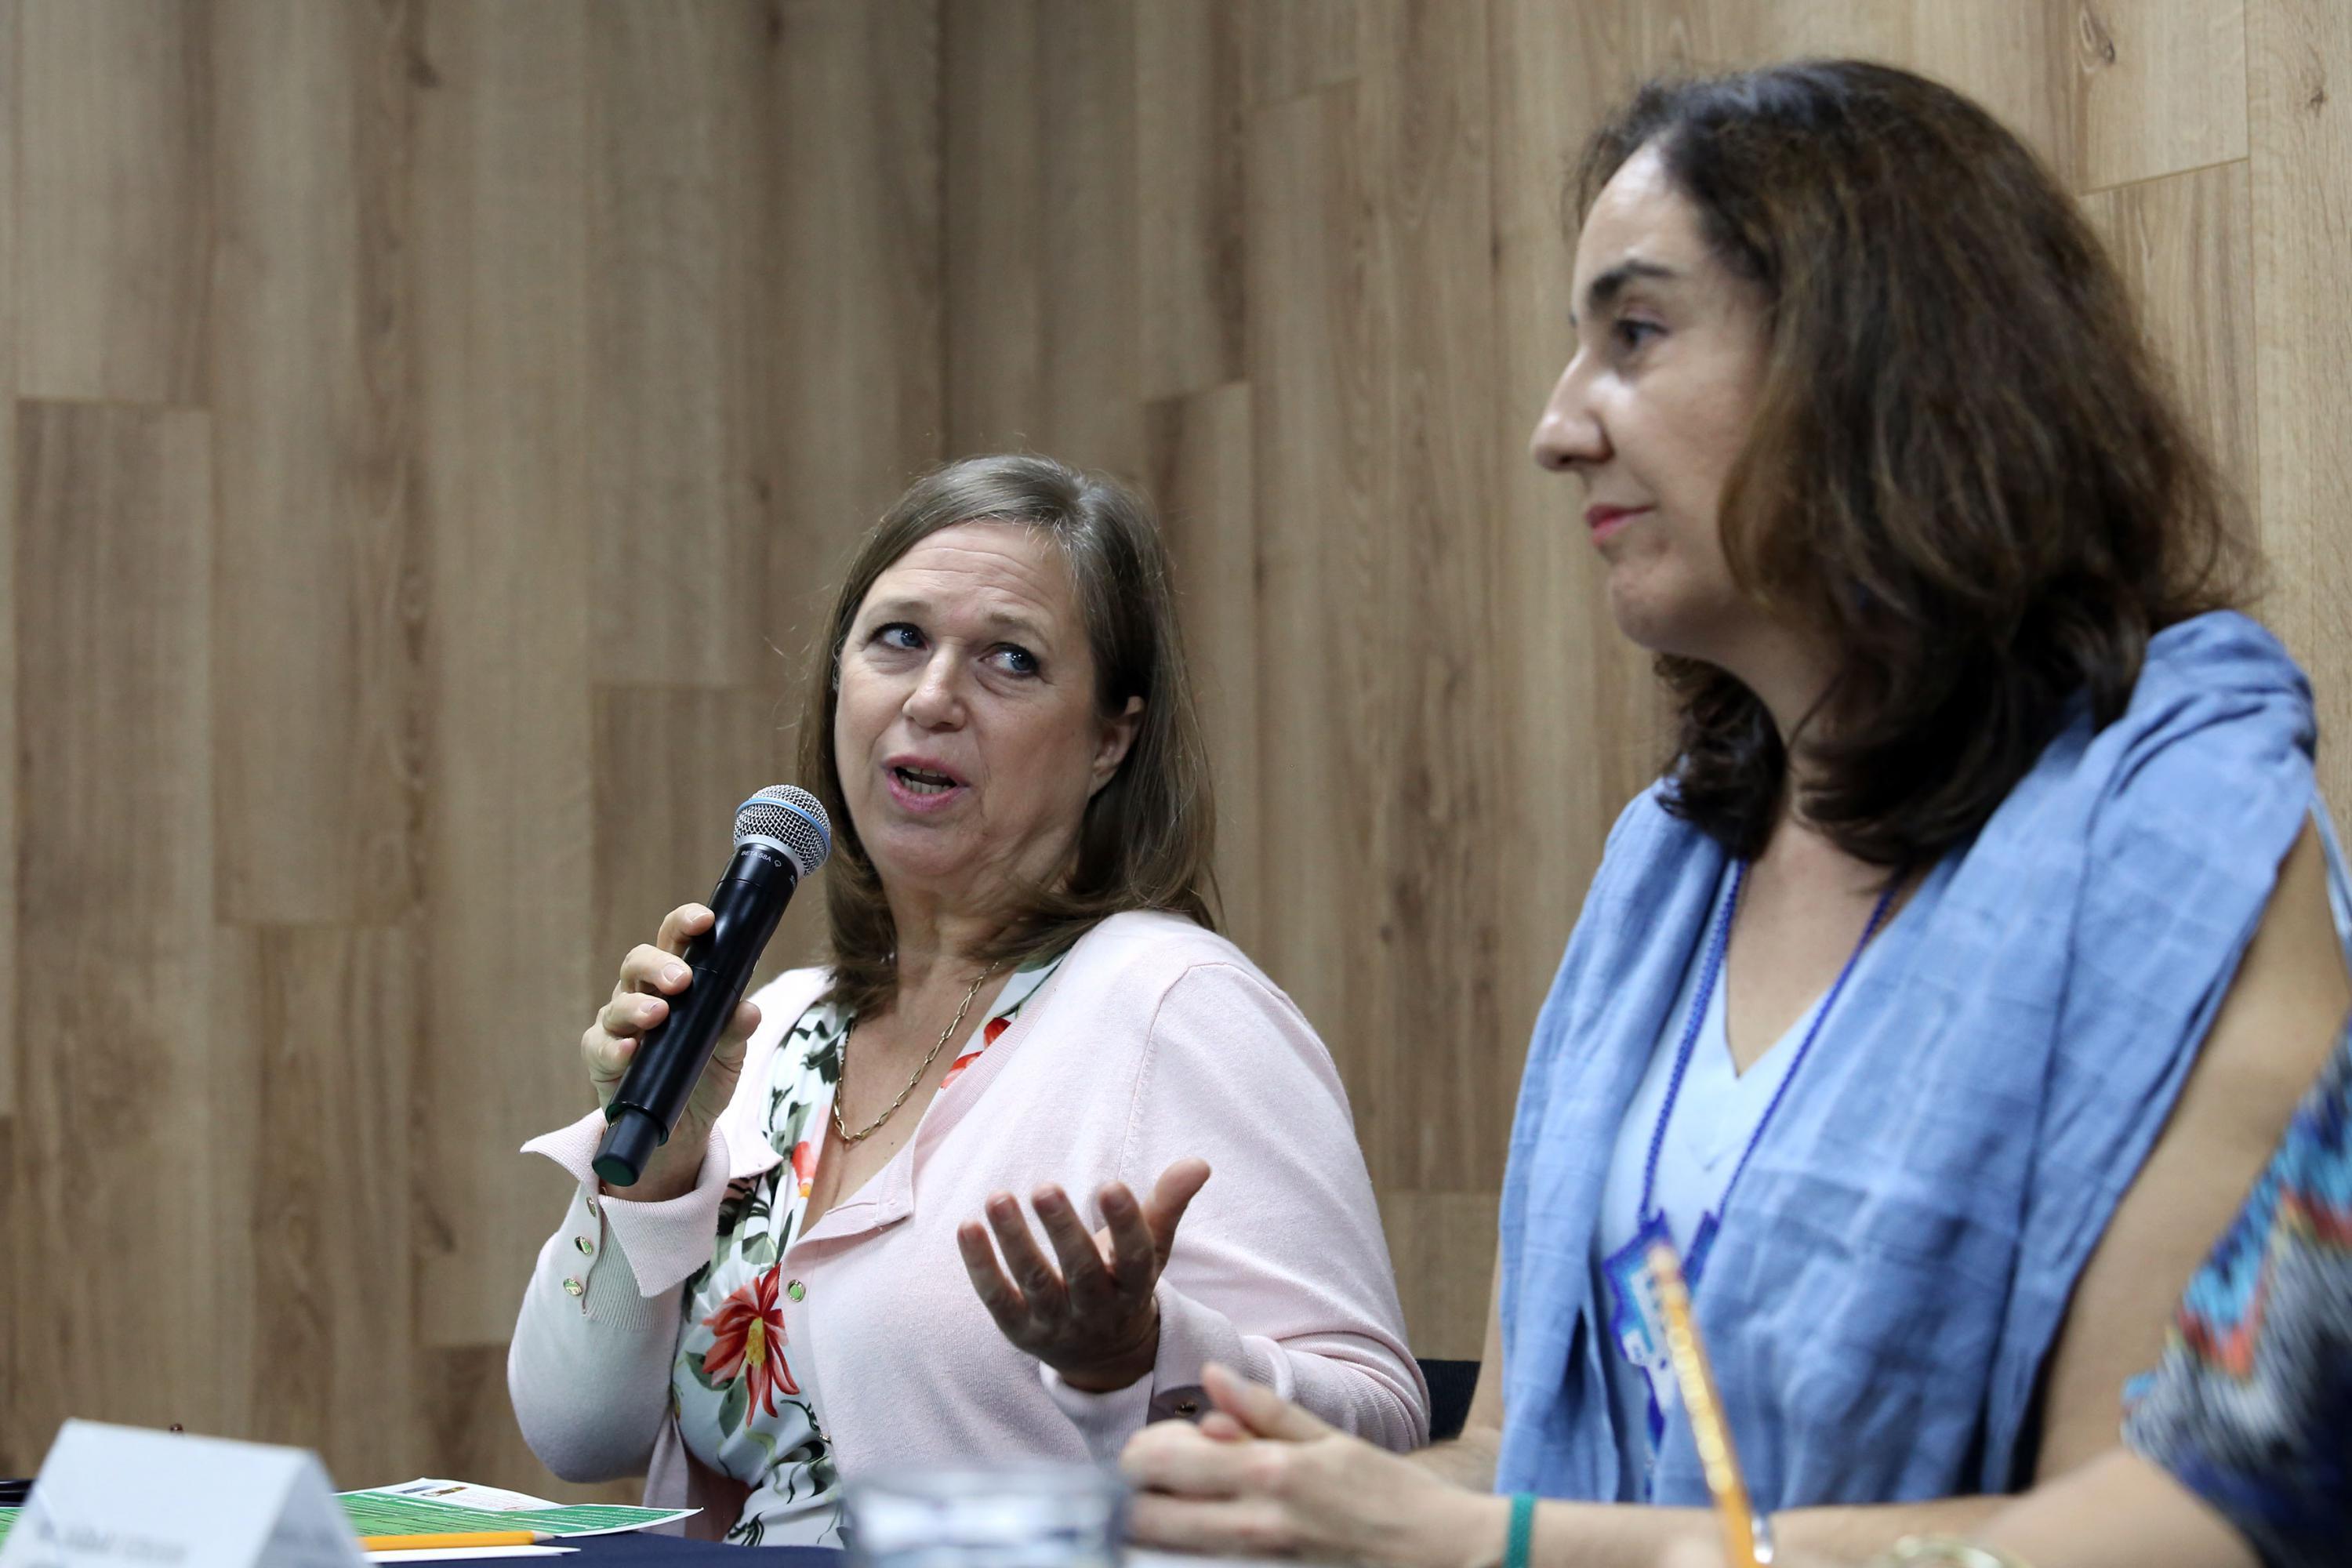 Cathy Urroz de Thompson, consultora internacional de lactancia materna, con micrófono en mano haciendo uso de la palabra.